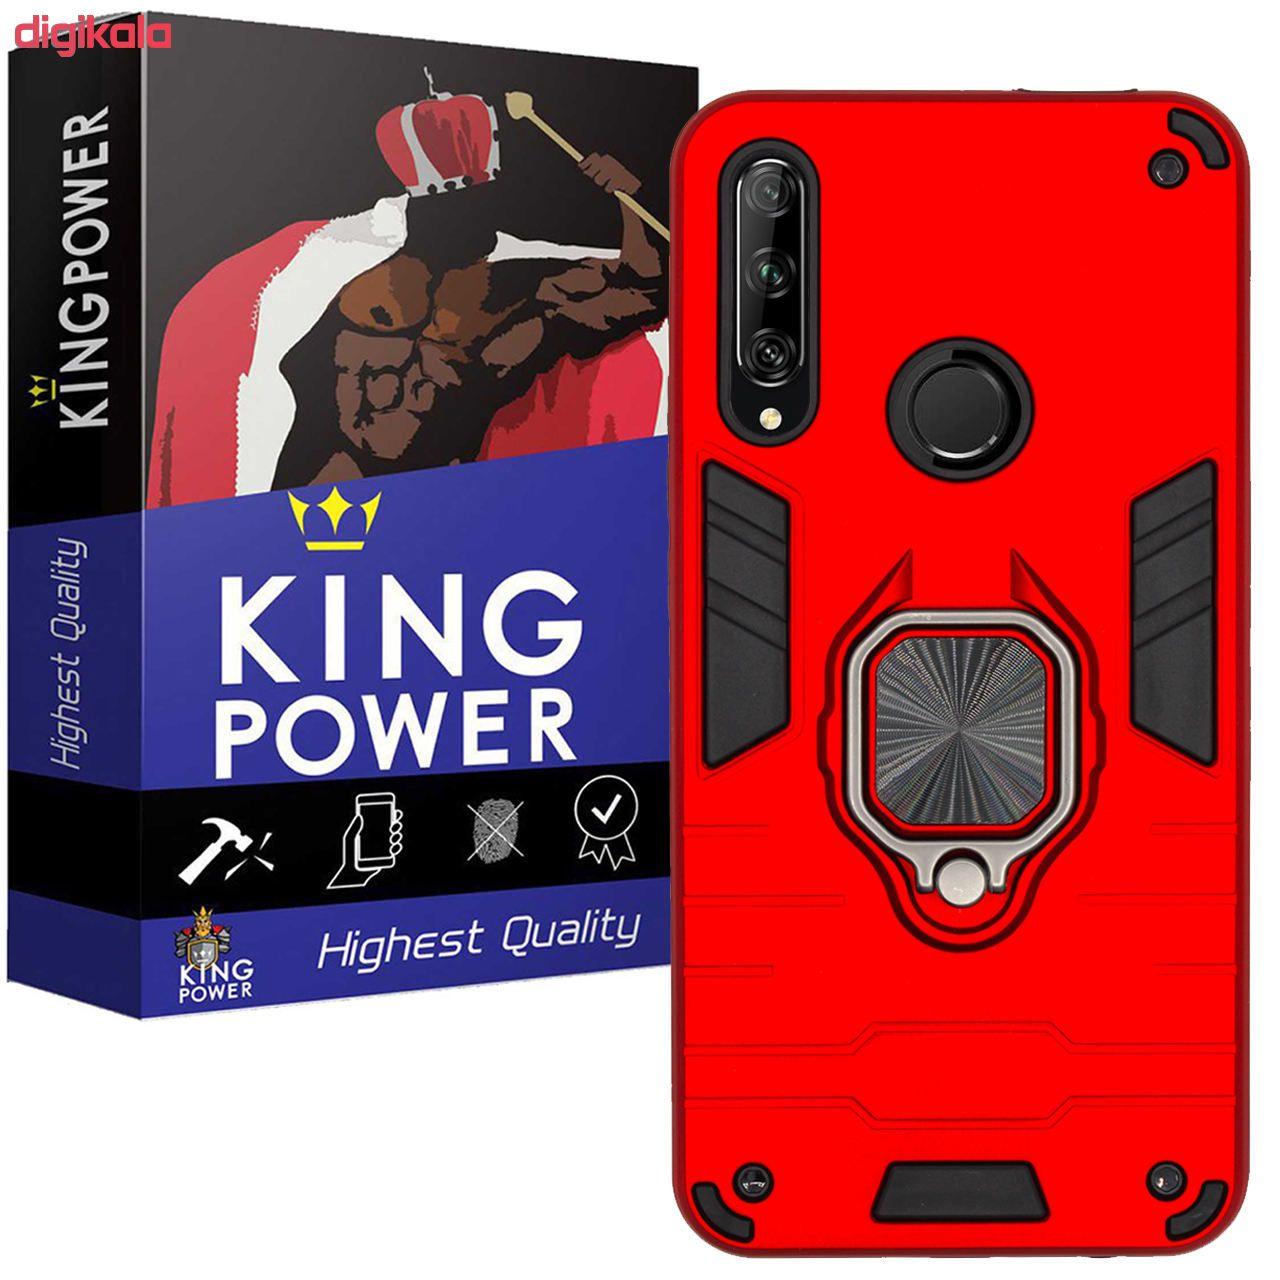 کاور کینگ پاور مدل ASH22 مناسب برای گوشی موبایل هوآوی P30 Lite main 1 1